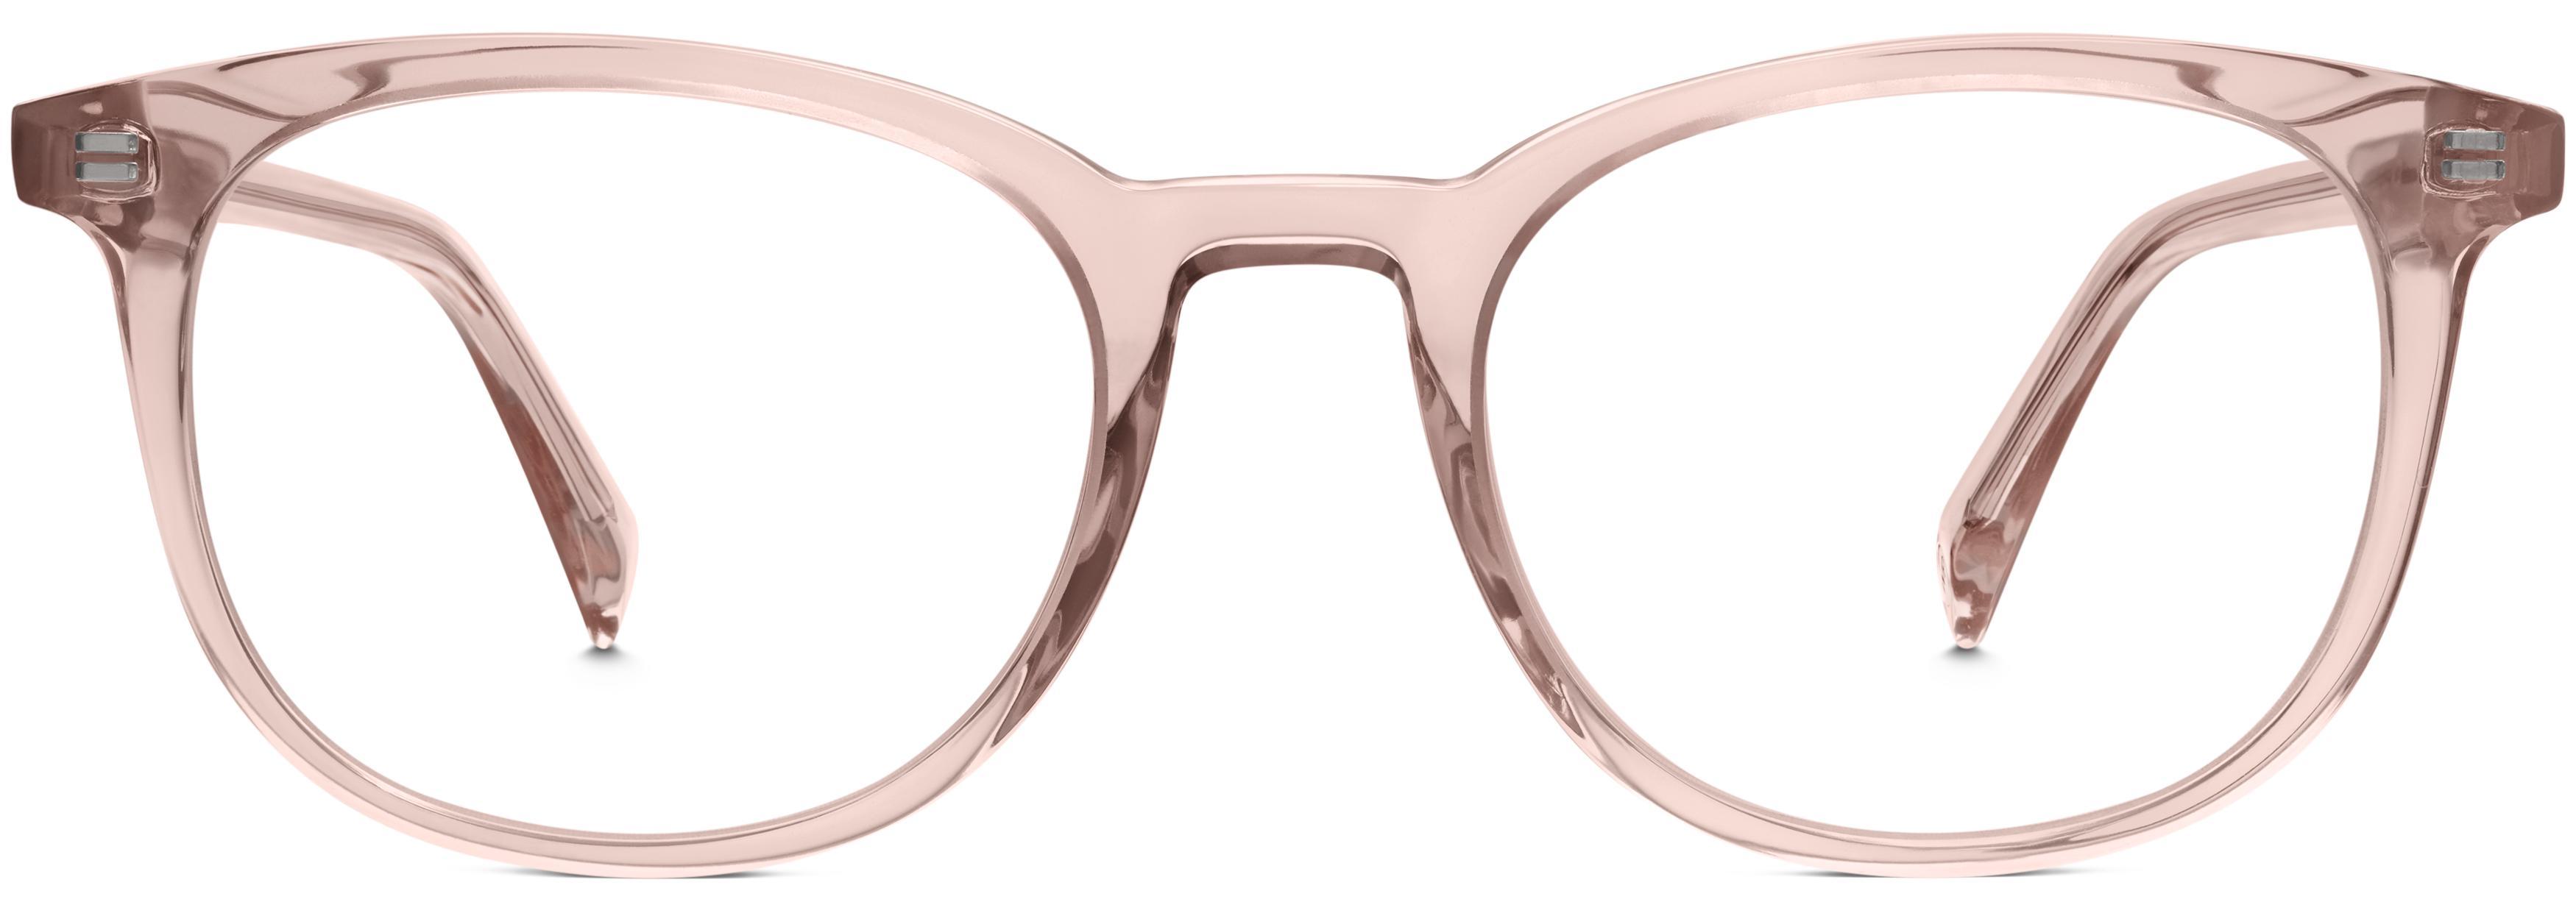 90c3623e95 Women s Eyeglasses